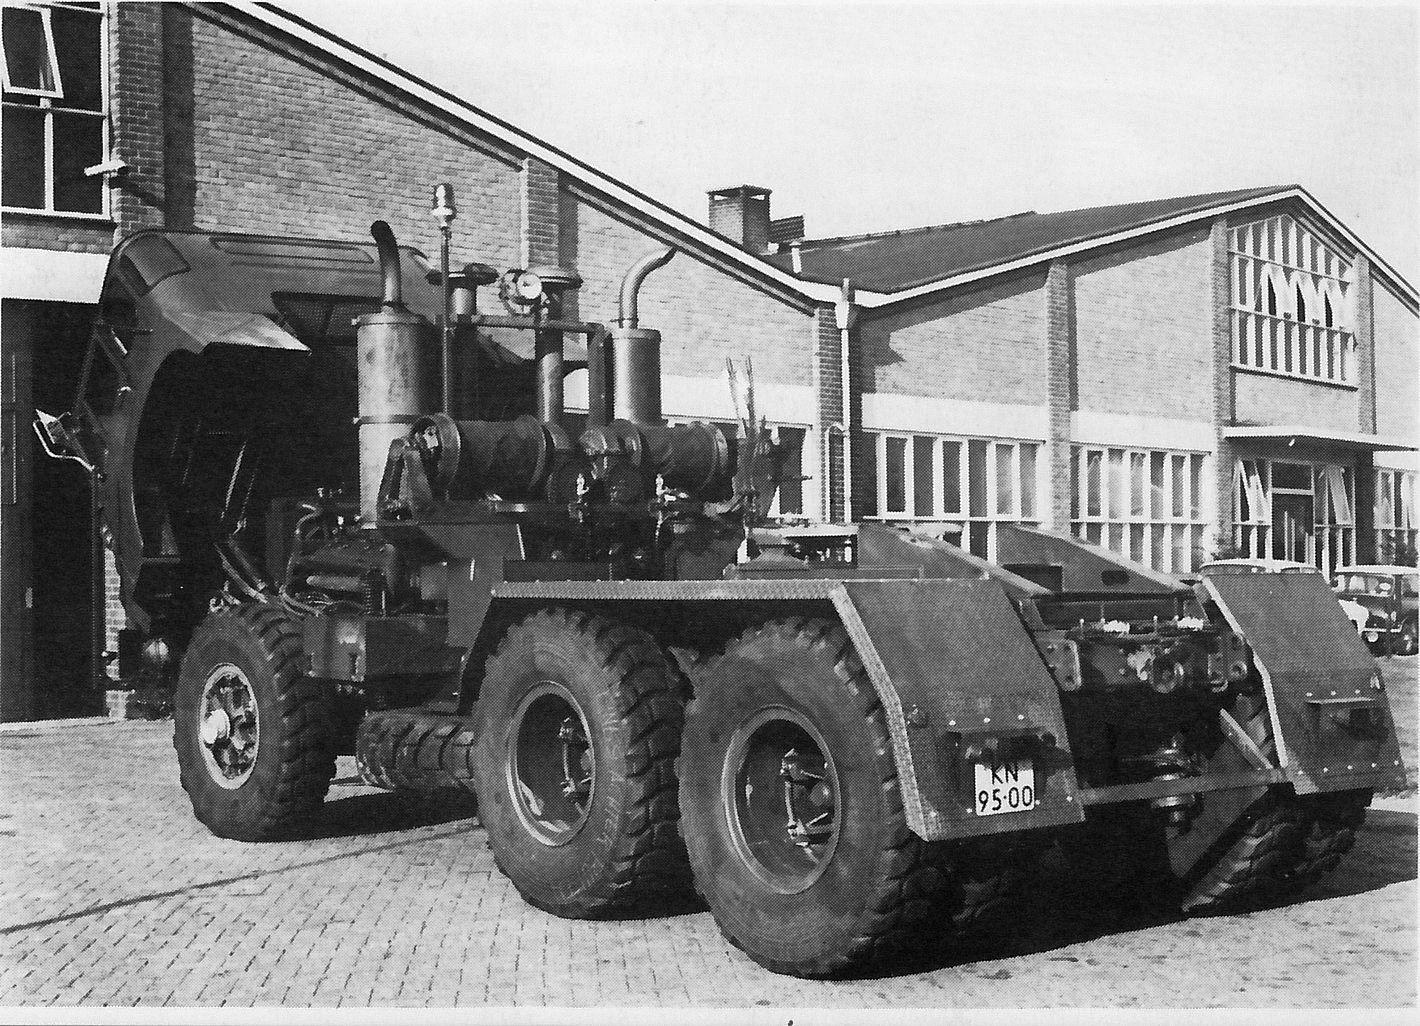 Tank transporter | Military Wiki | FANDOM powered by Wikia